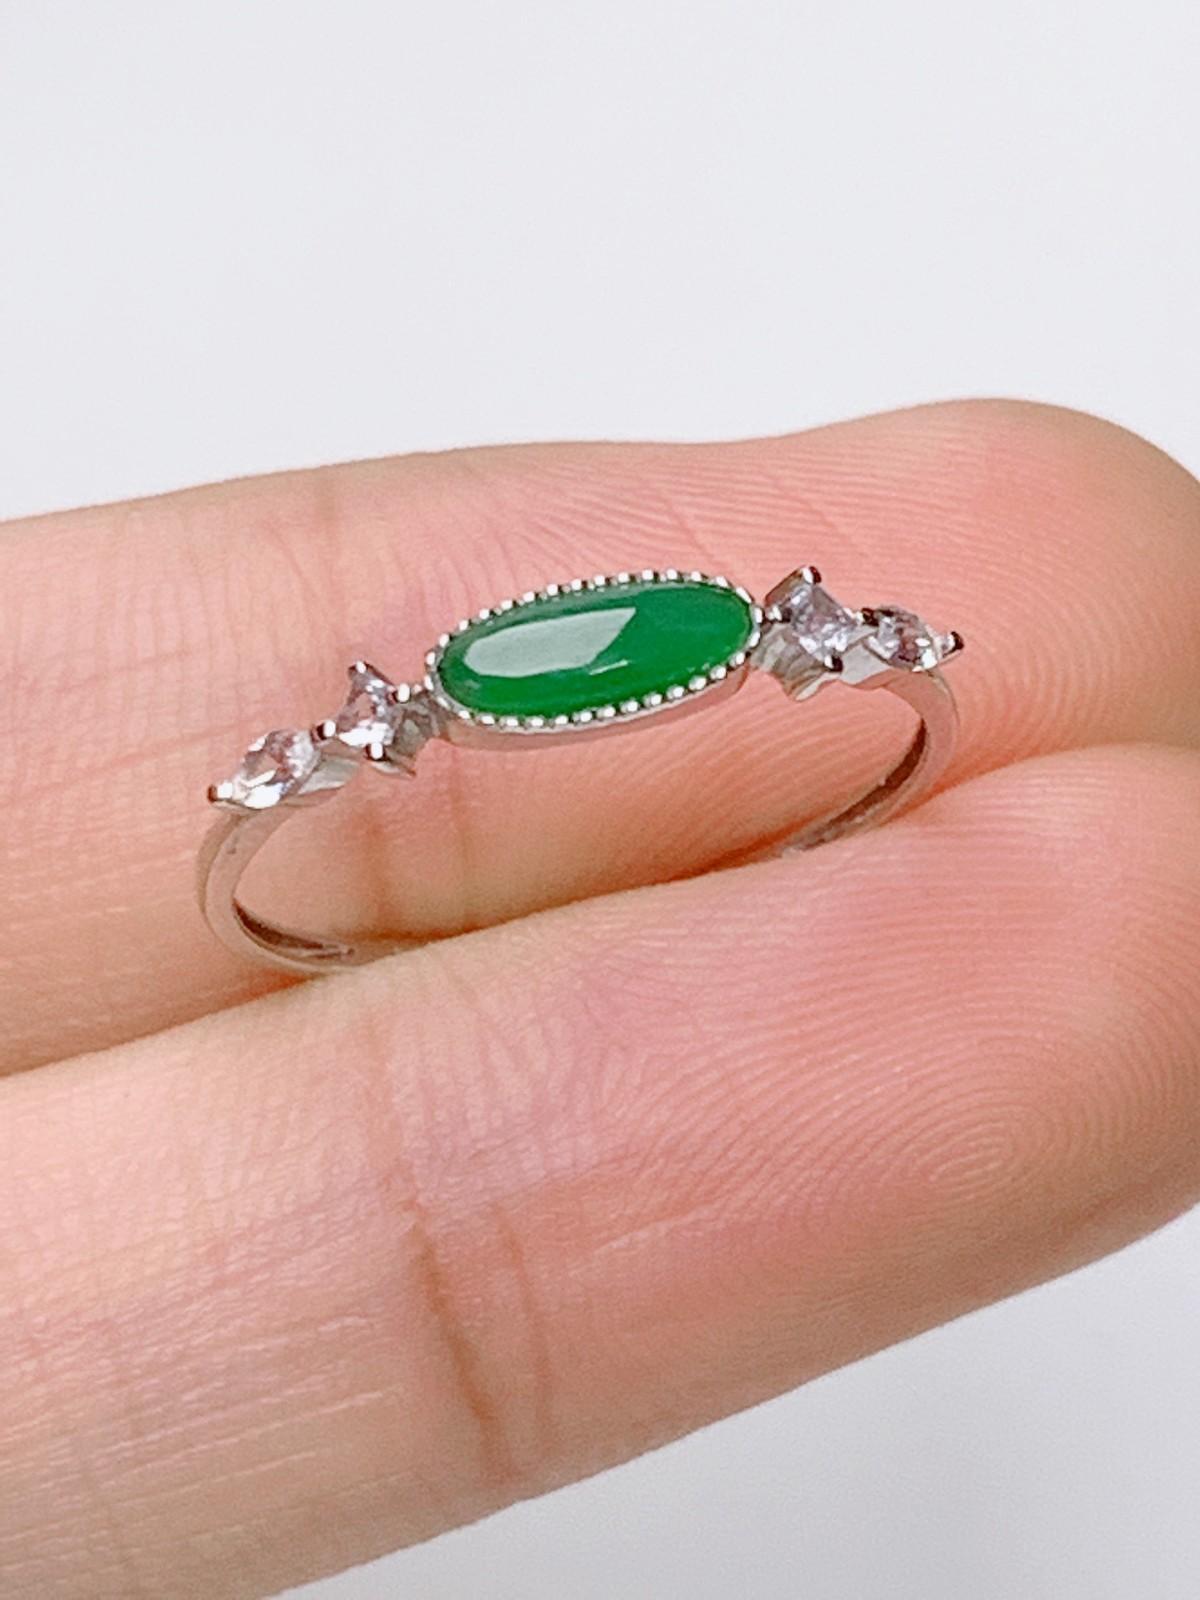 水润干净18K金镶嵌翡翠戒指